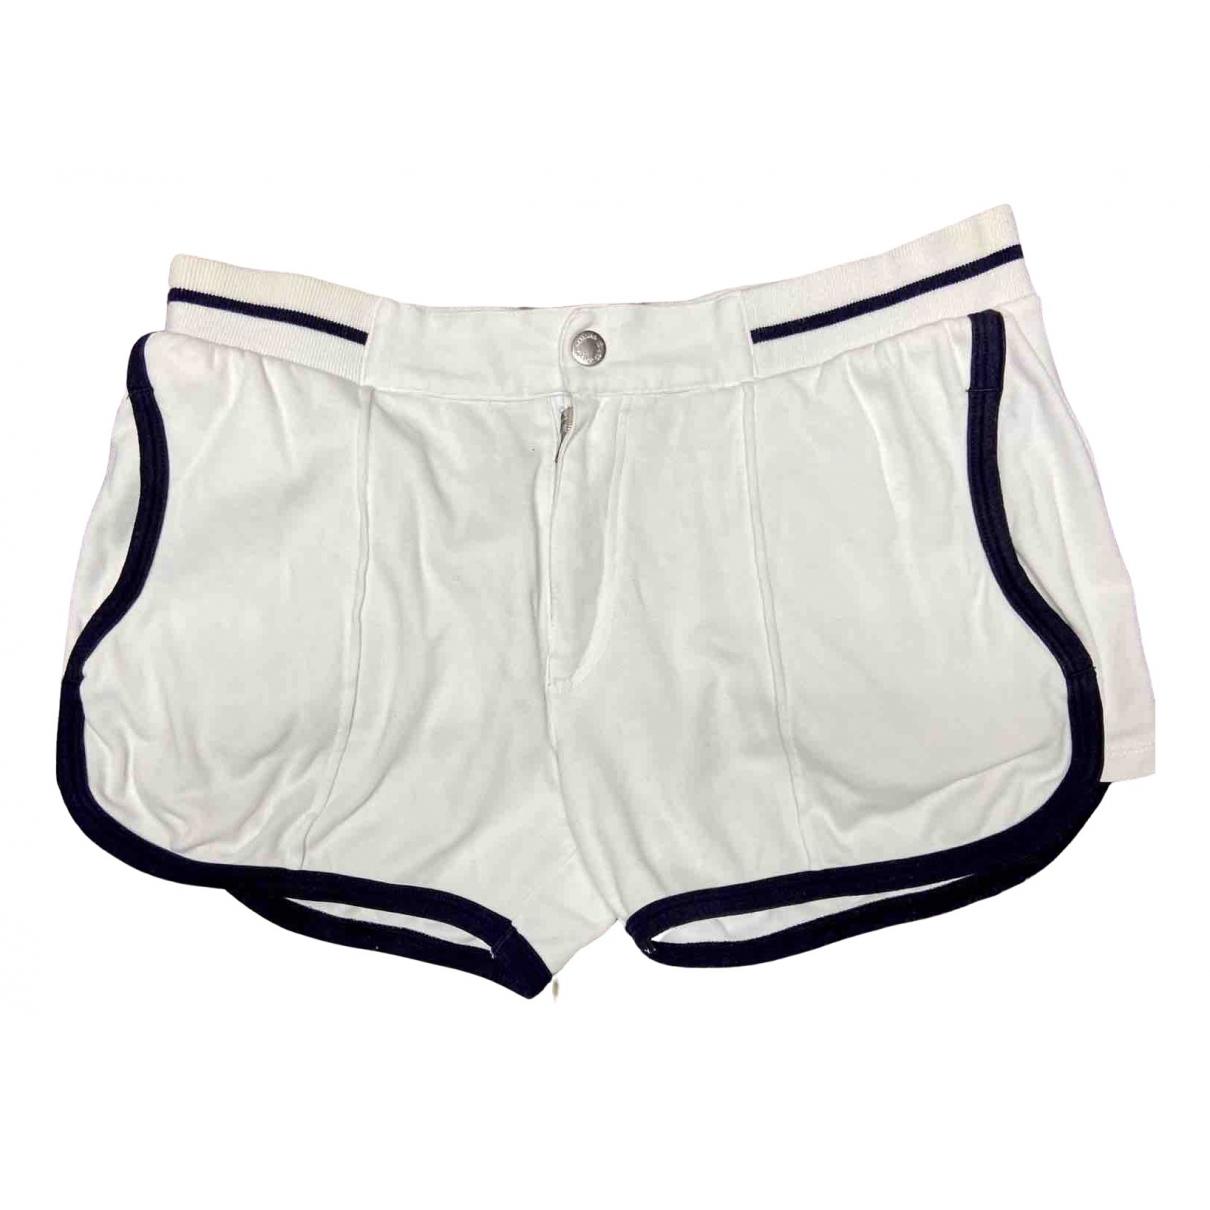 D&g \N White Cotton Shorts for Men M International